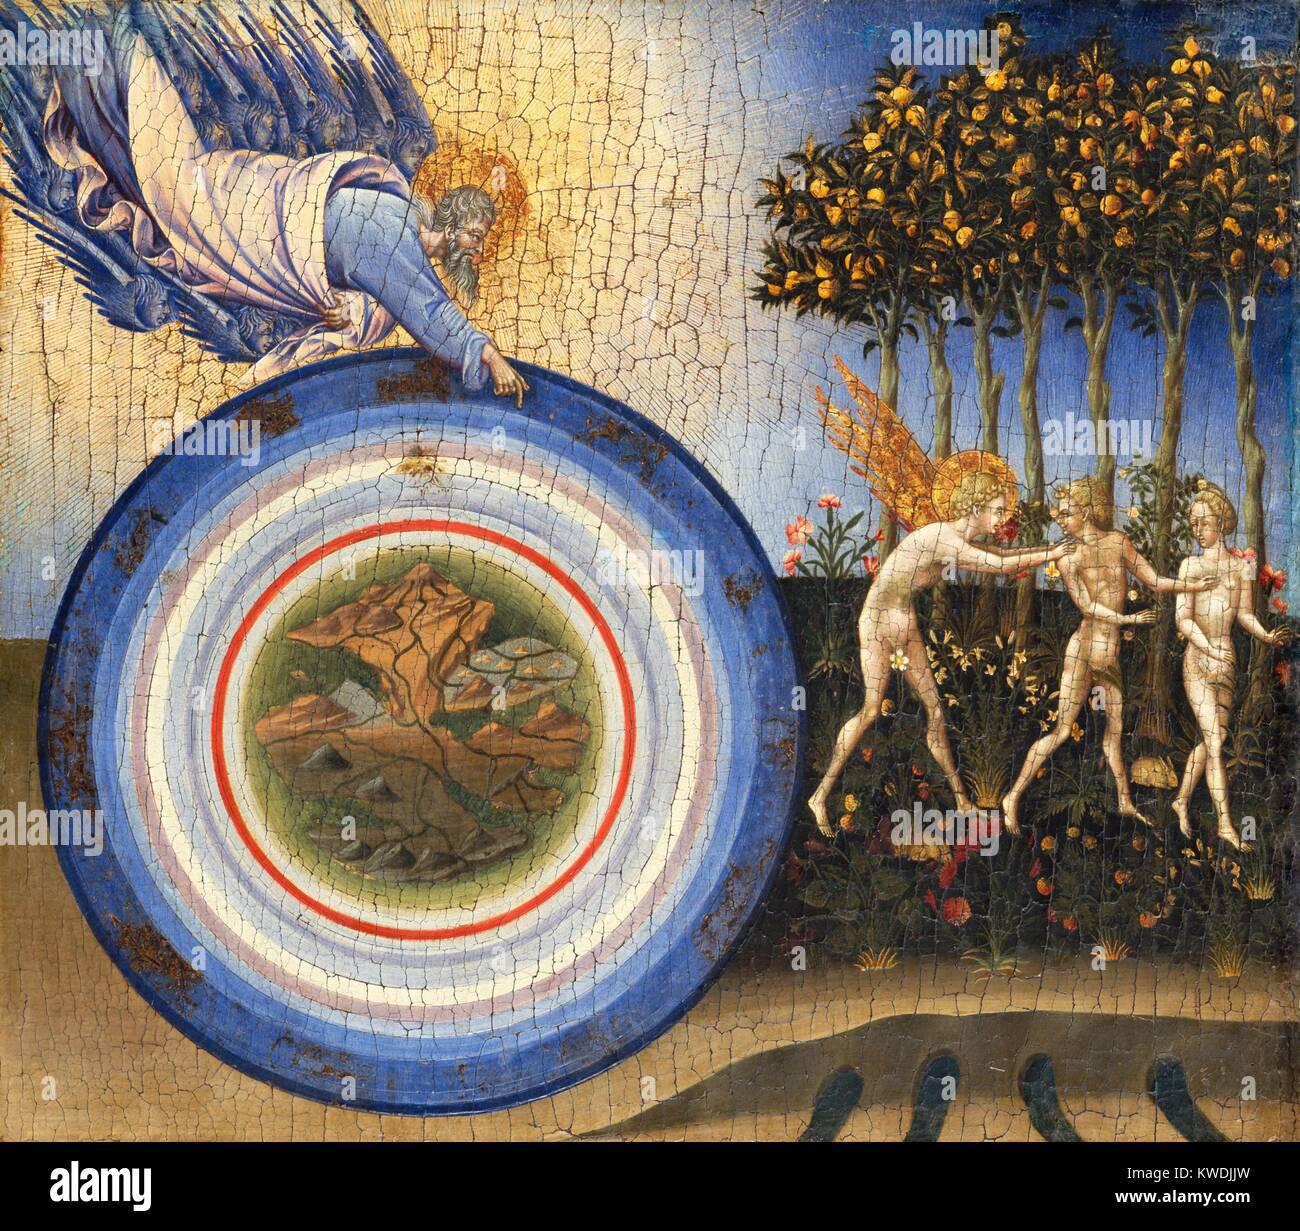 Erschaffung der Welt und der Vertreibung aus dem Paradies, von Giovanni di Paolo, 1445, Renaissance Malerei. Das Stockbild